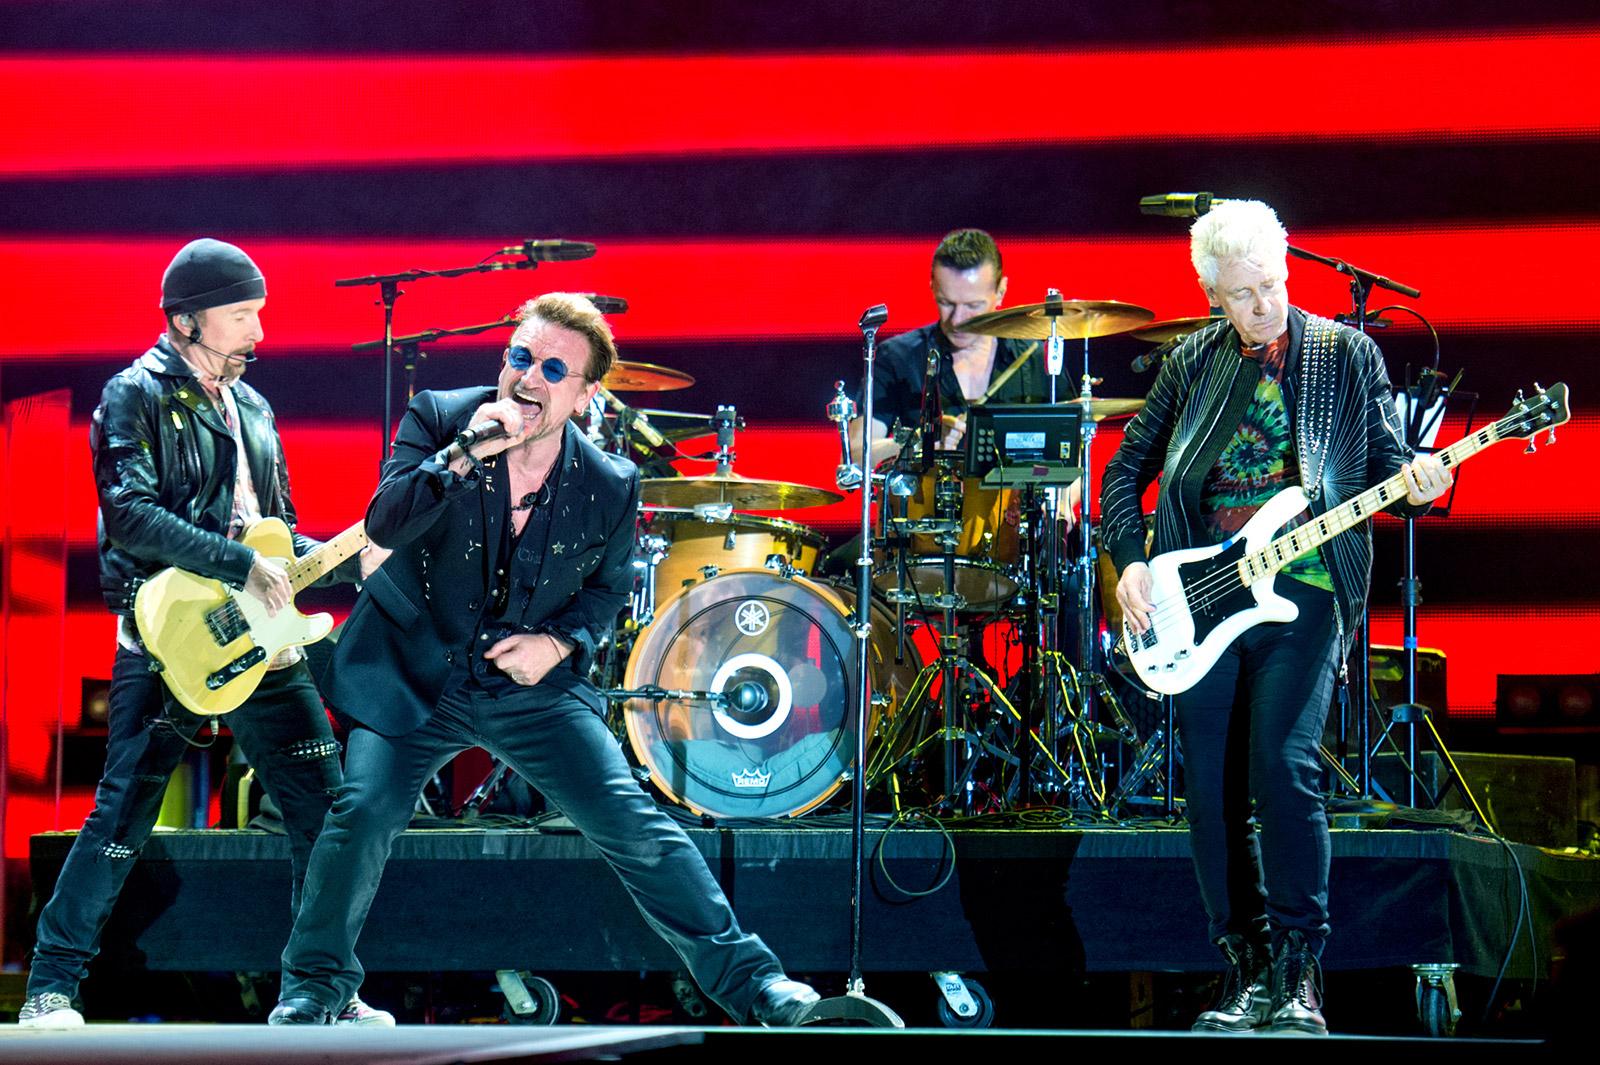 U2, ecco YOU'RE THE BEST THING ABOUT ME il singolo che precede il nuovo album